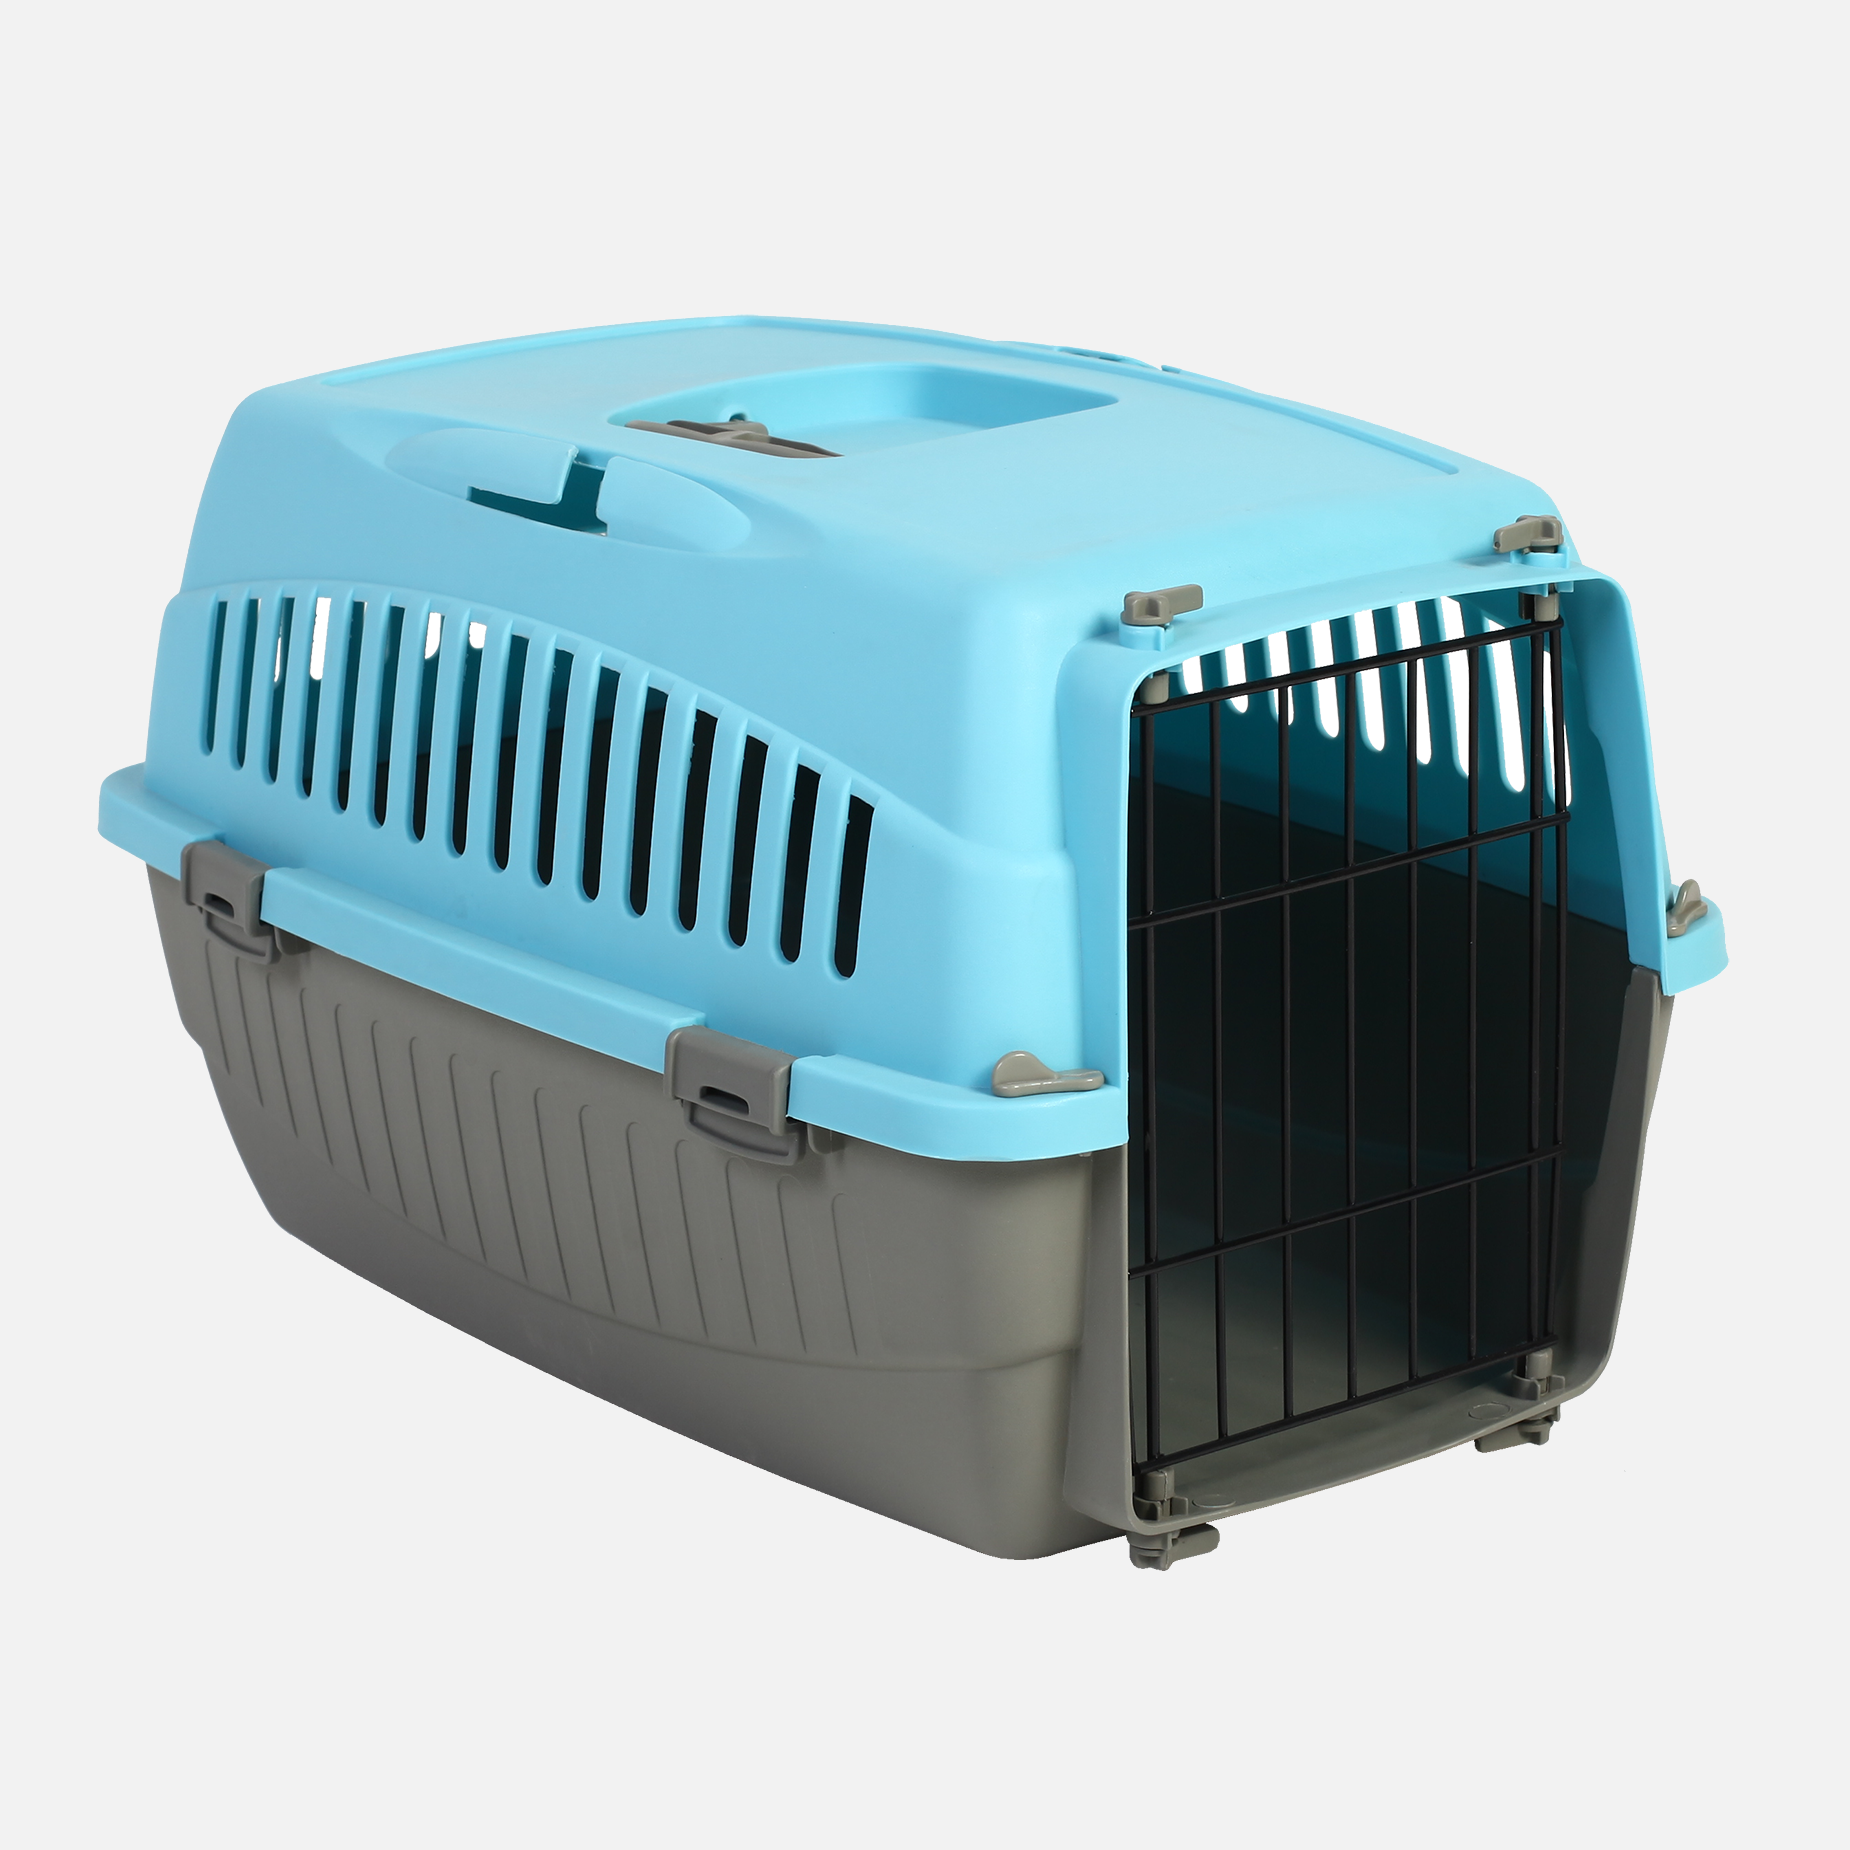 Caisses plastique de transport bleu par wouapy